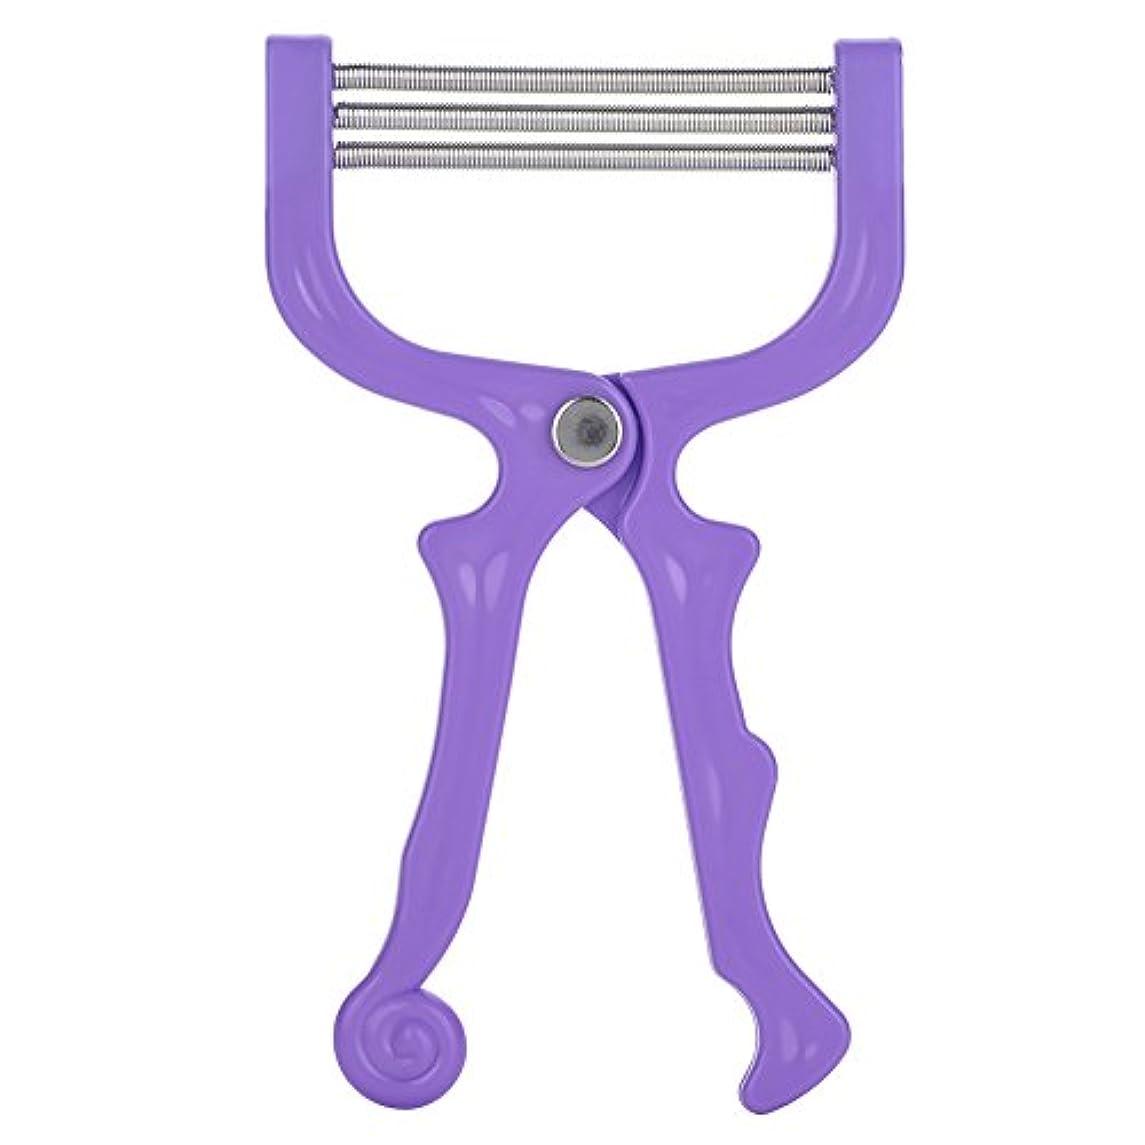 トリップ反対走るSoarUp 除毛 脱毛装置 ポータブル脱毛 痛くない除毛ケア 顔用 口 持ち運び安い(パープル)